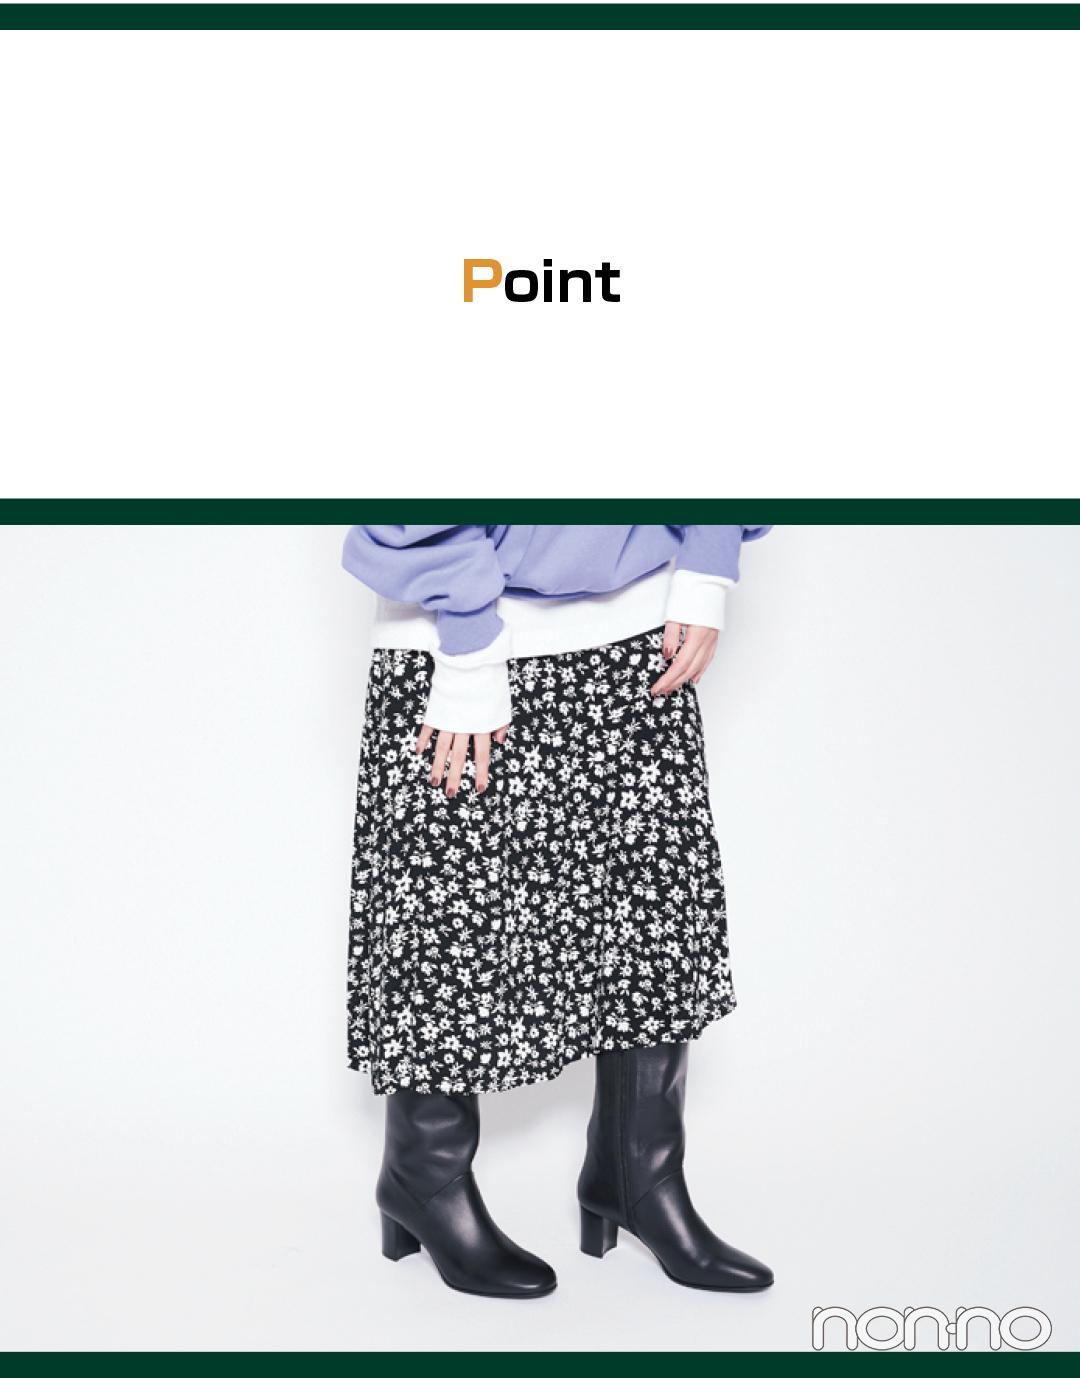 柄スカート、この秋はスリムフレアを選ぶとちょうどよく大人っぽい!_1_3-2